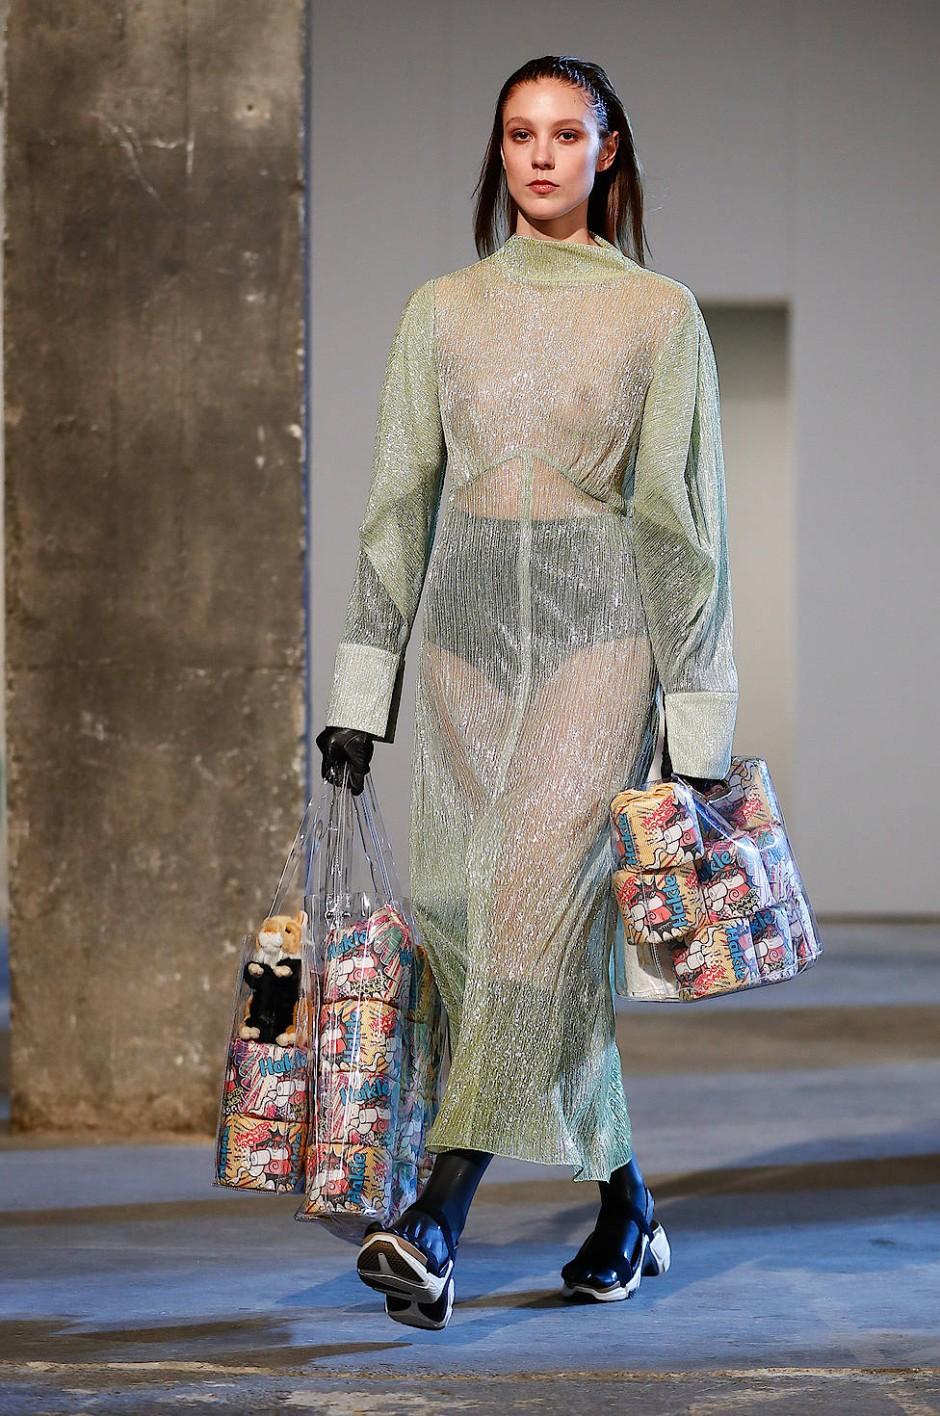 Die Models tragen große Plastiktaschen, gefüllt mit Klopapier und kleinen Stoffhamstern, um sich über die Hamsterkäufe lustig zu machen.